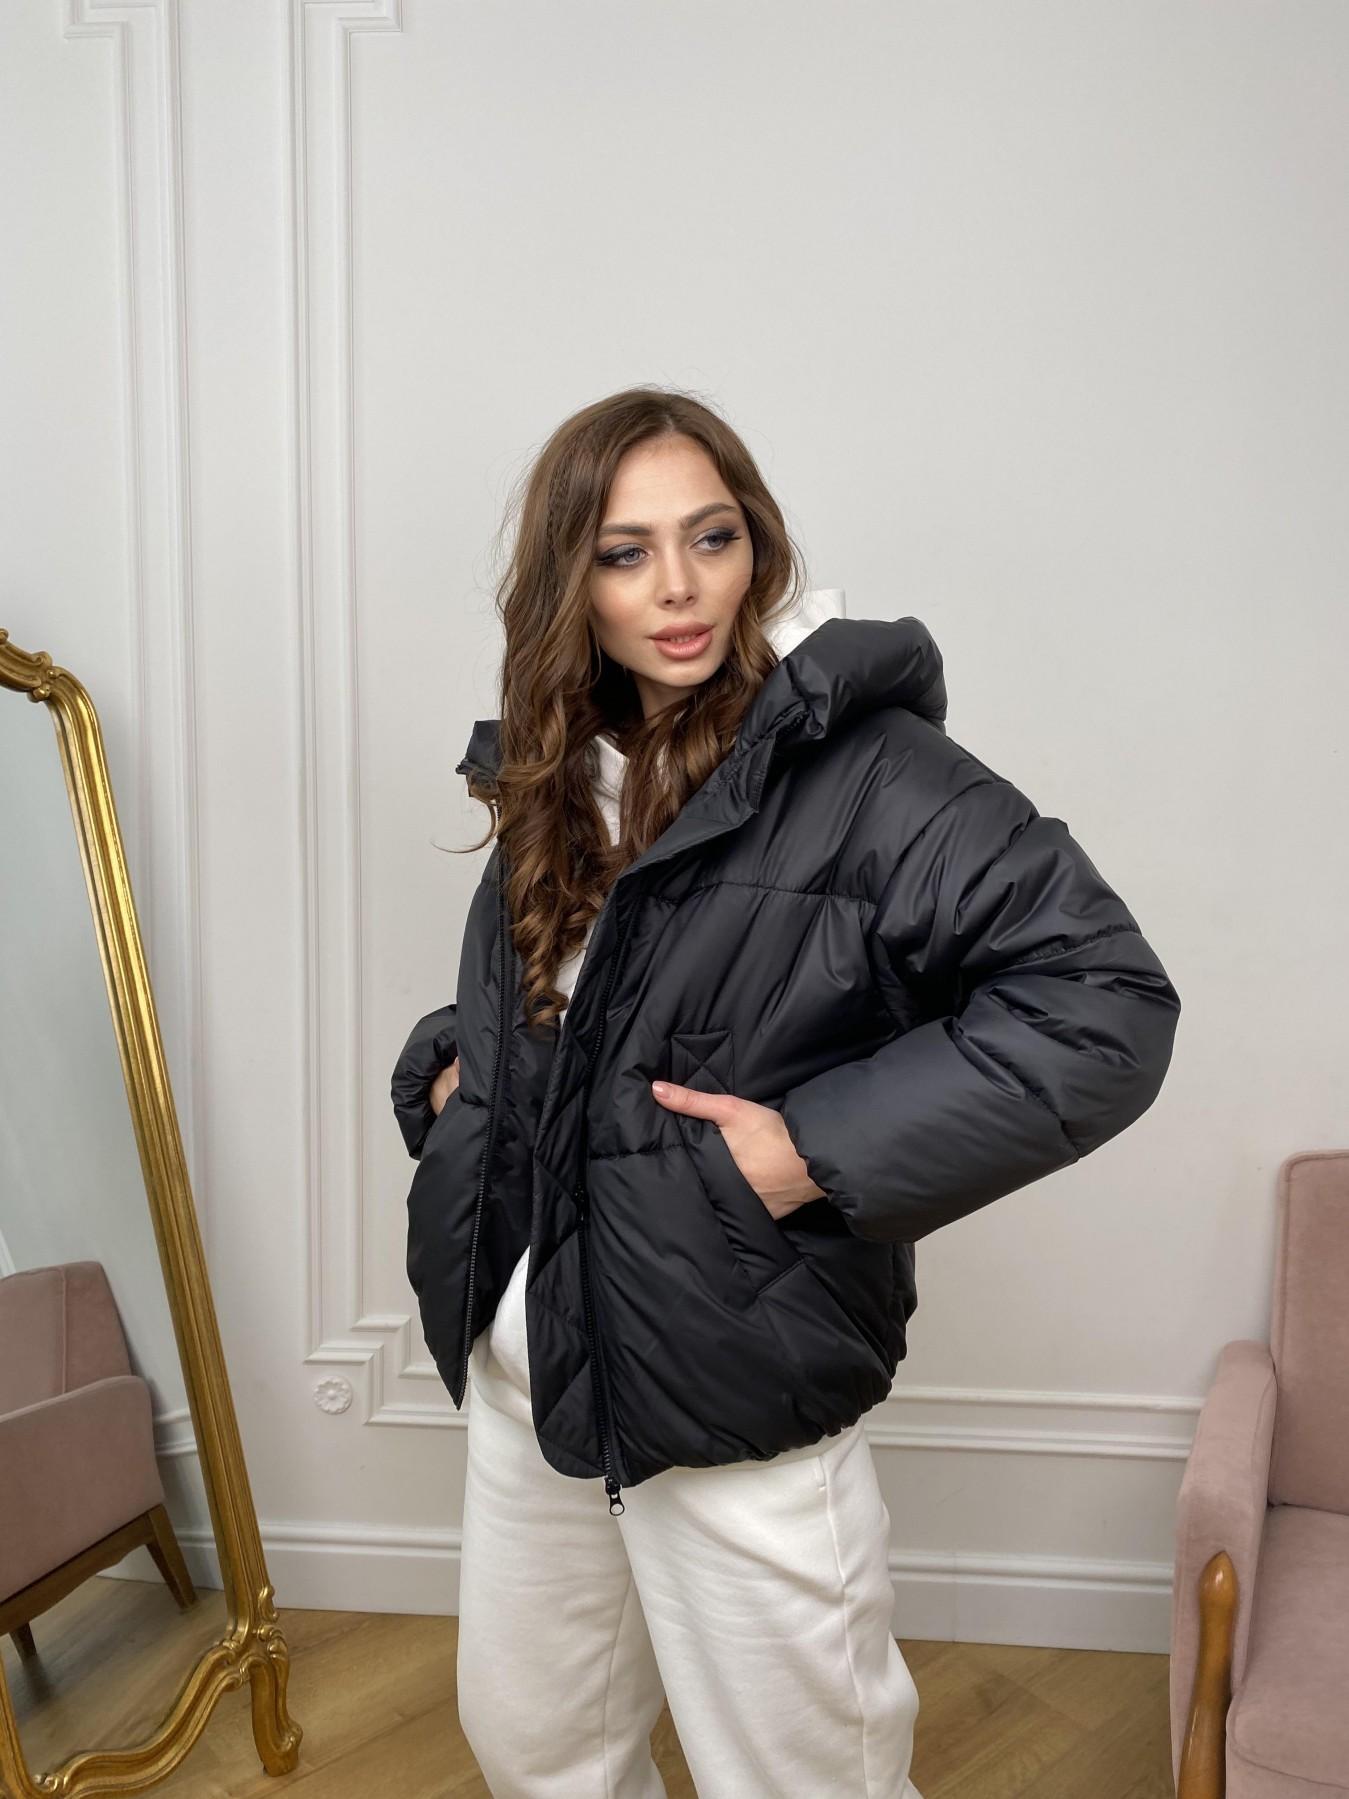 Нокс куртка из плащевой ткани 10535 АРТ. 46975 Цвет: Черный - фото 3, интернет магазин tm-modus.ru